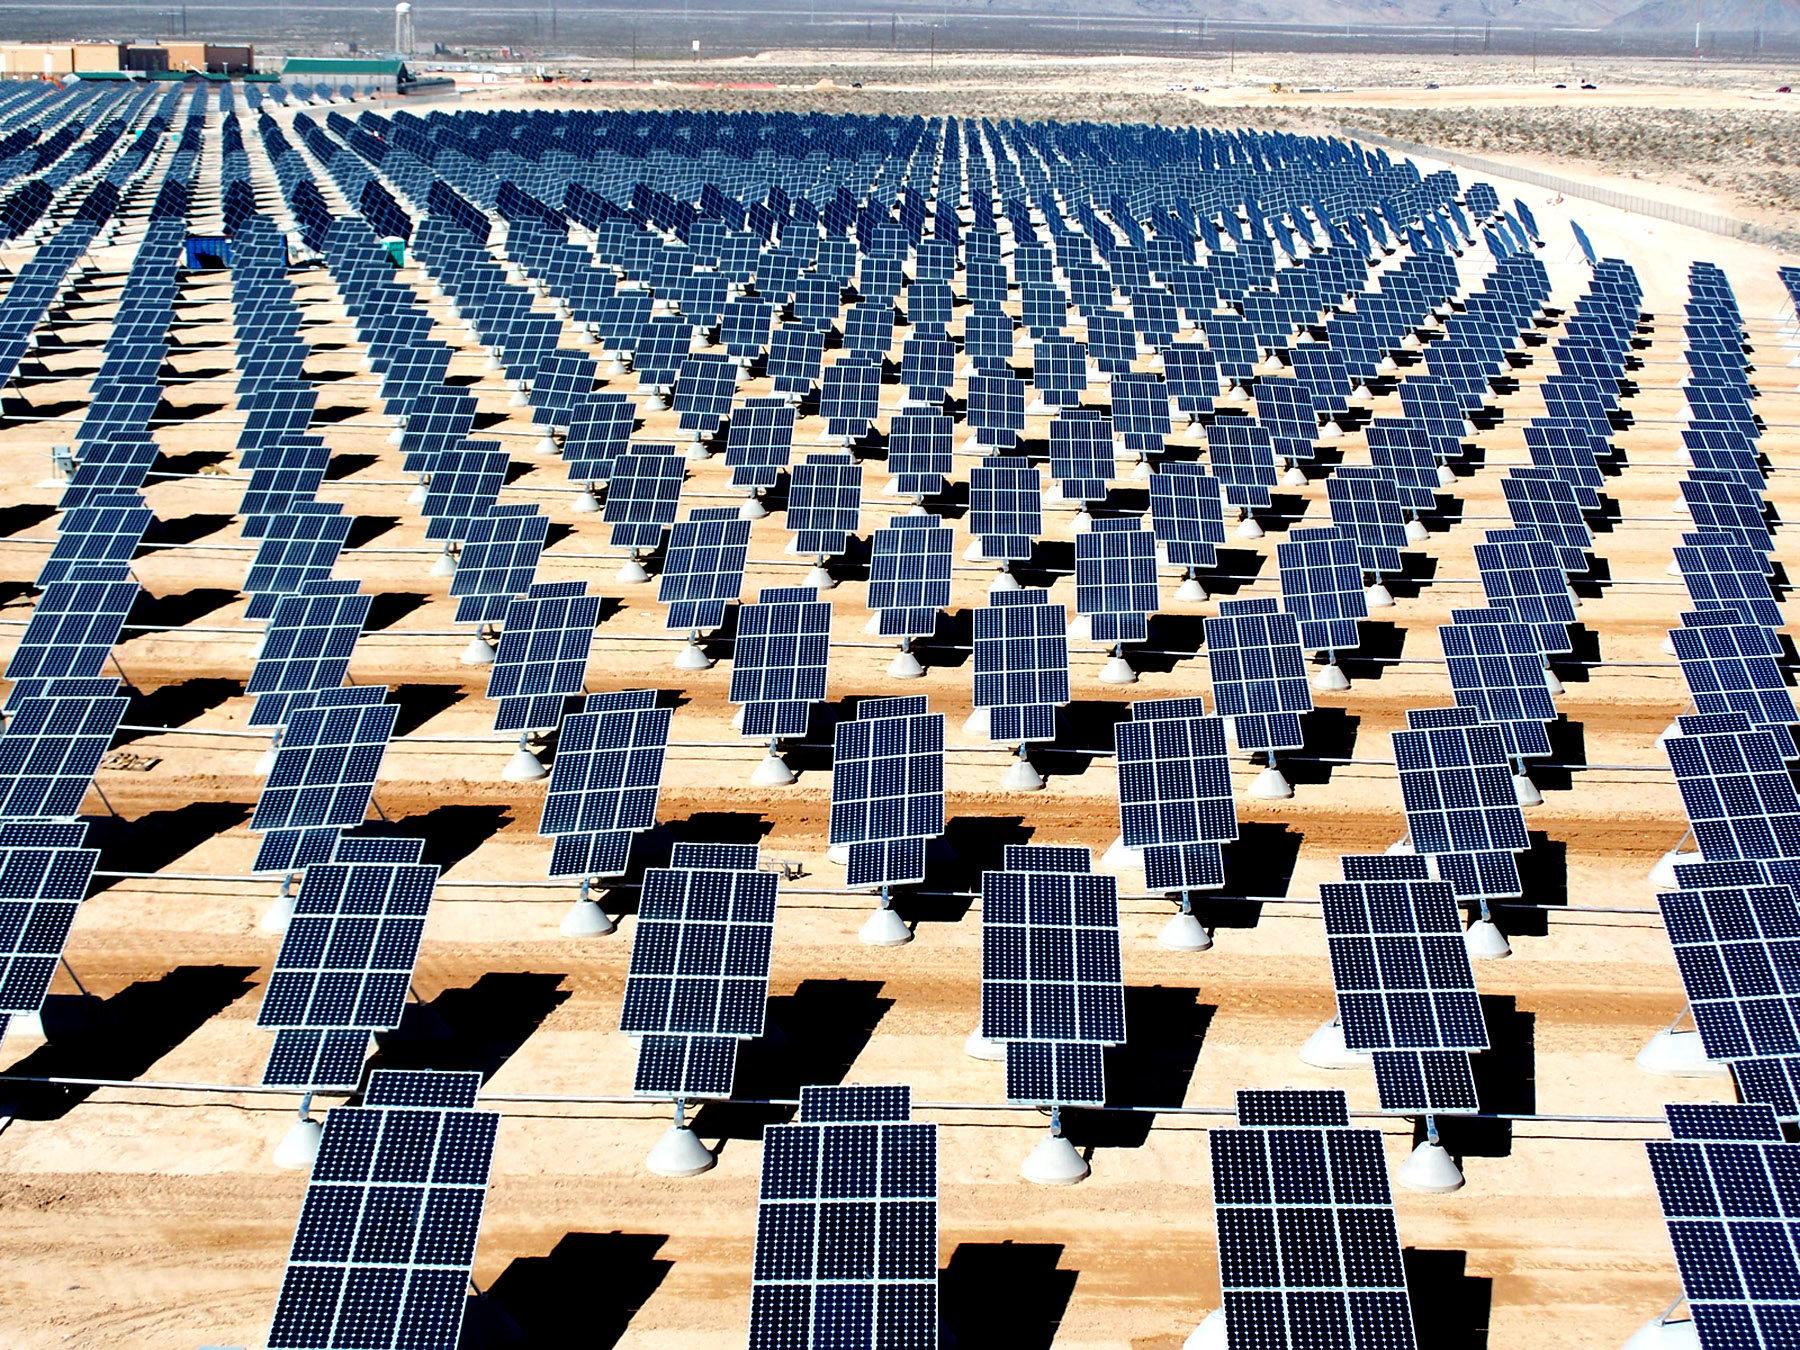 Los países que más usan energía solar